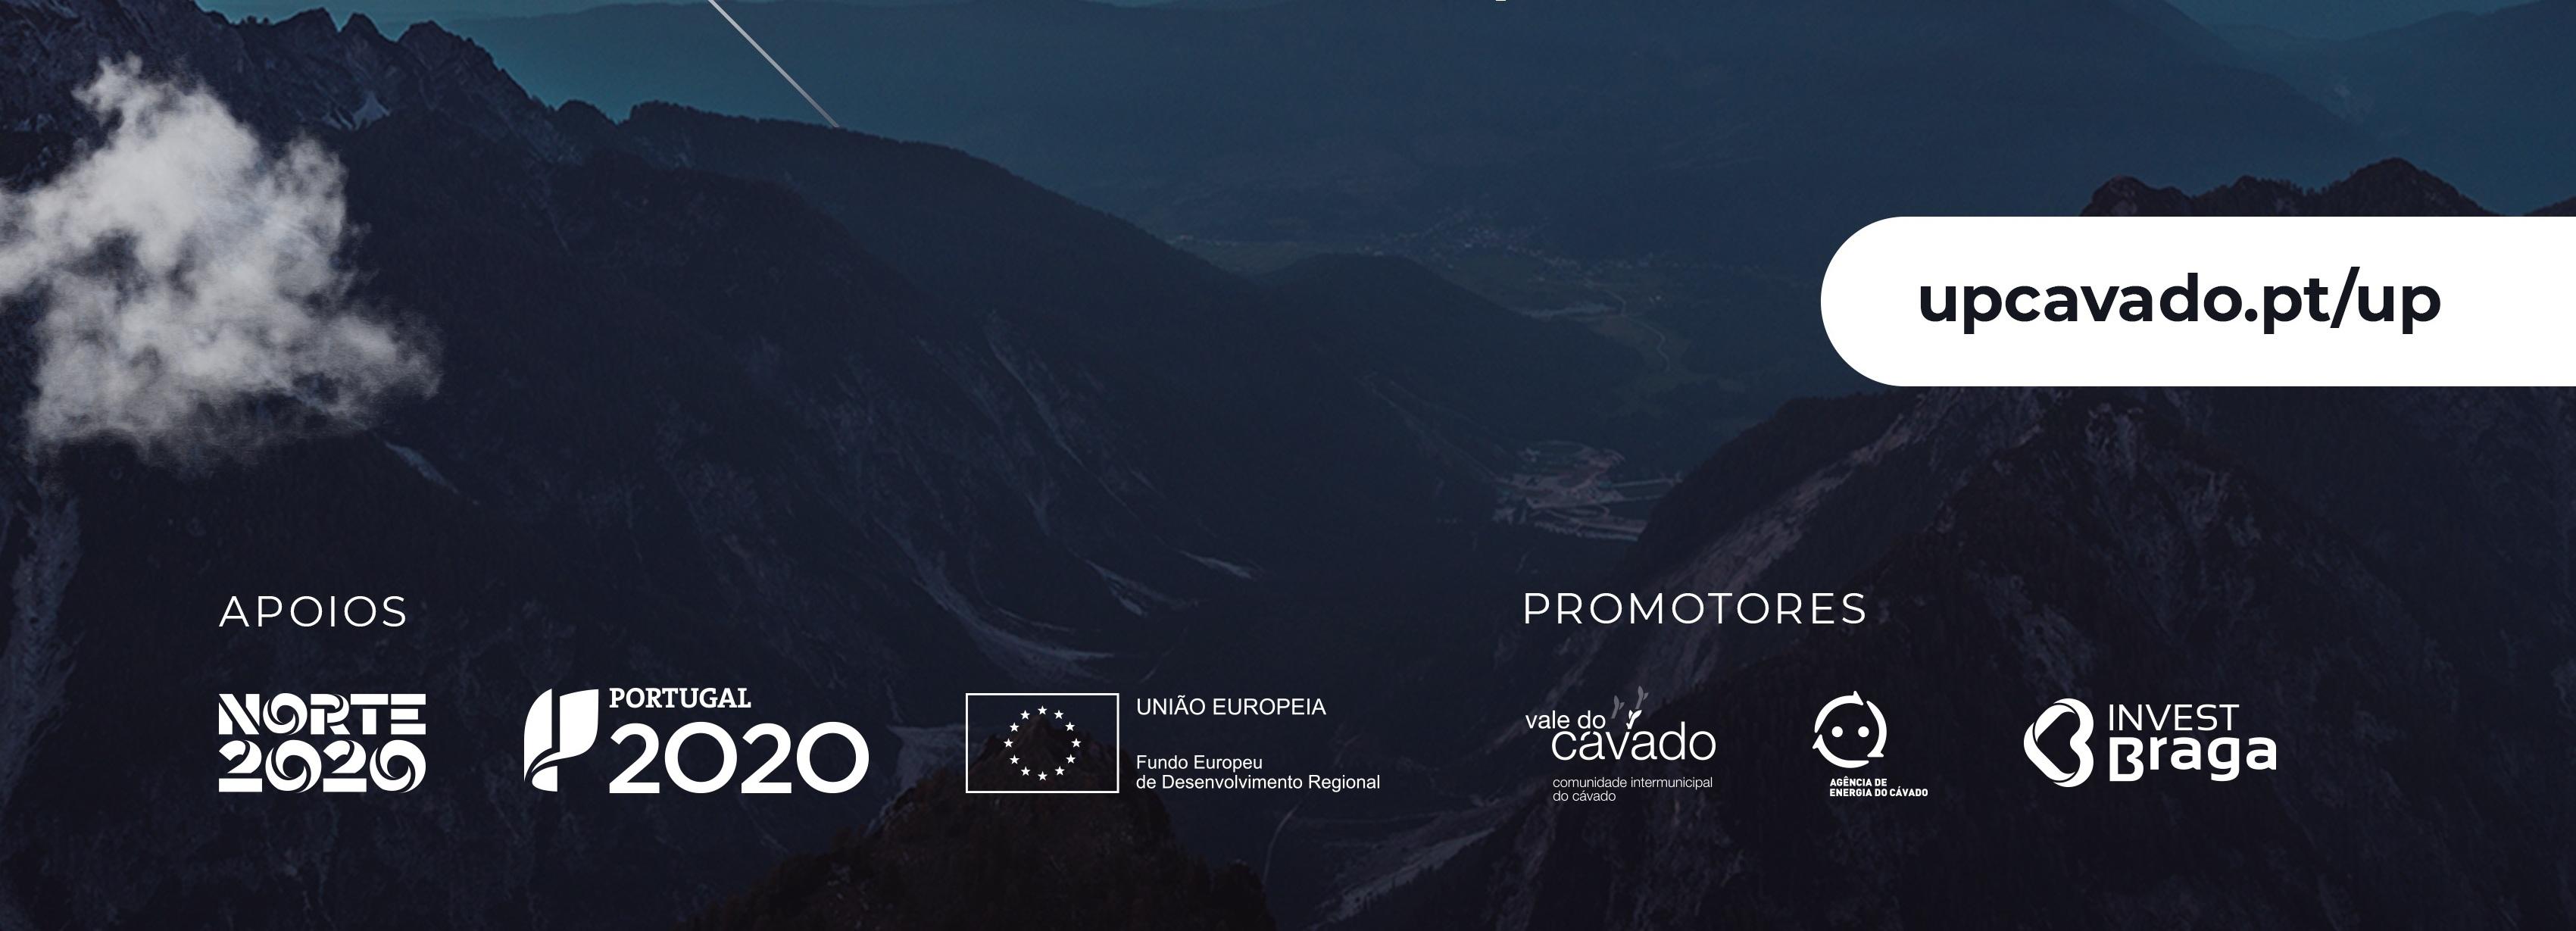 UP Cávado promove concurso de ideias de negócios na região